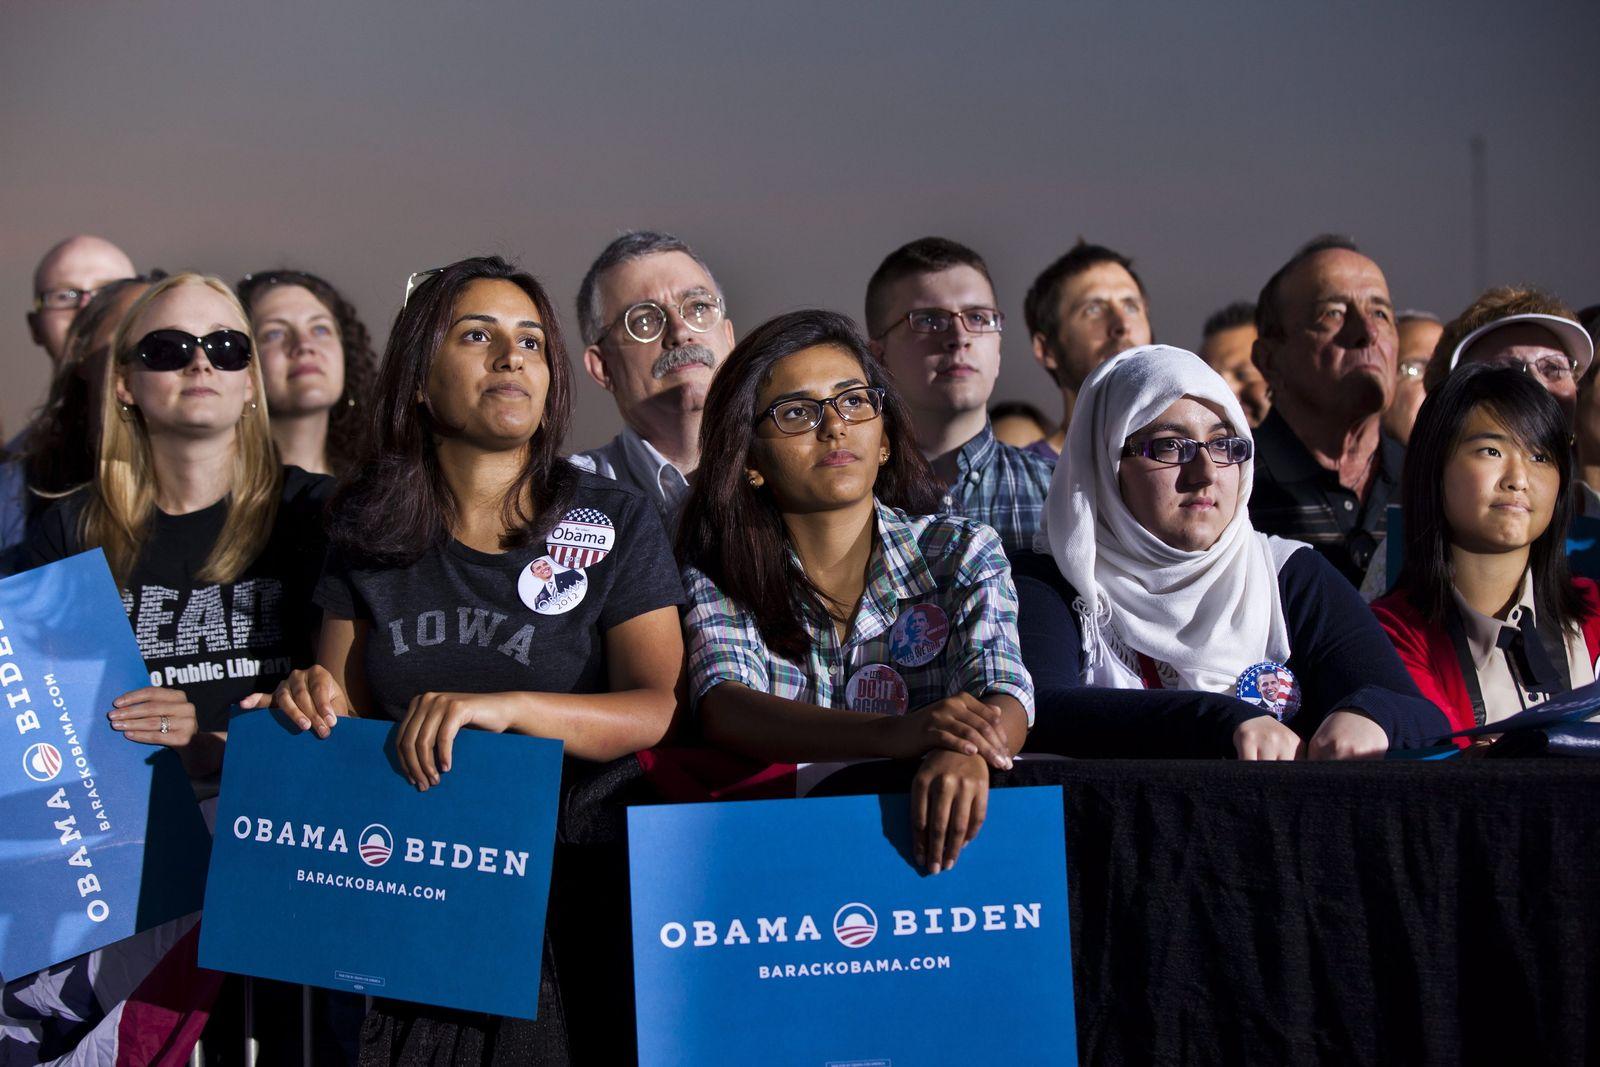 Obama Wahlkampf